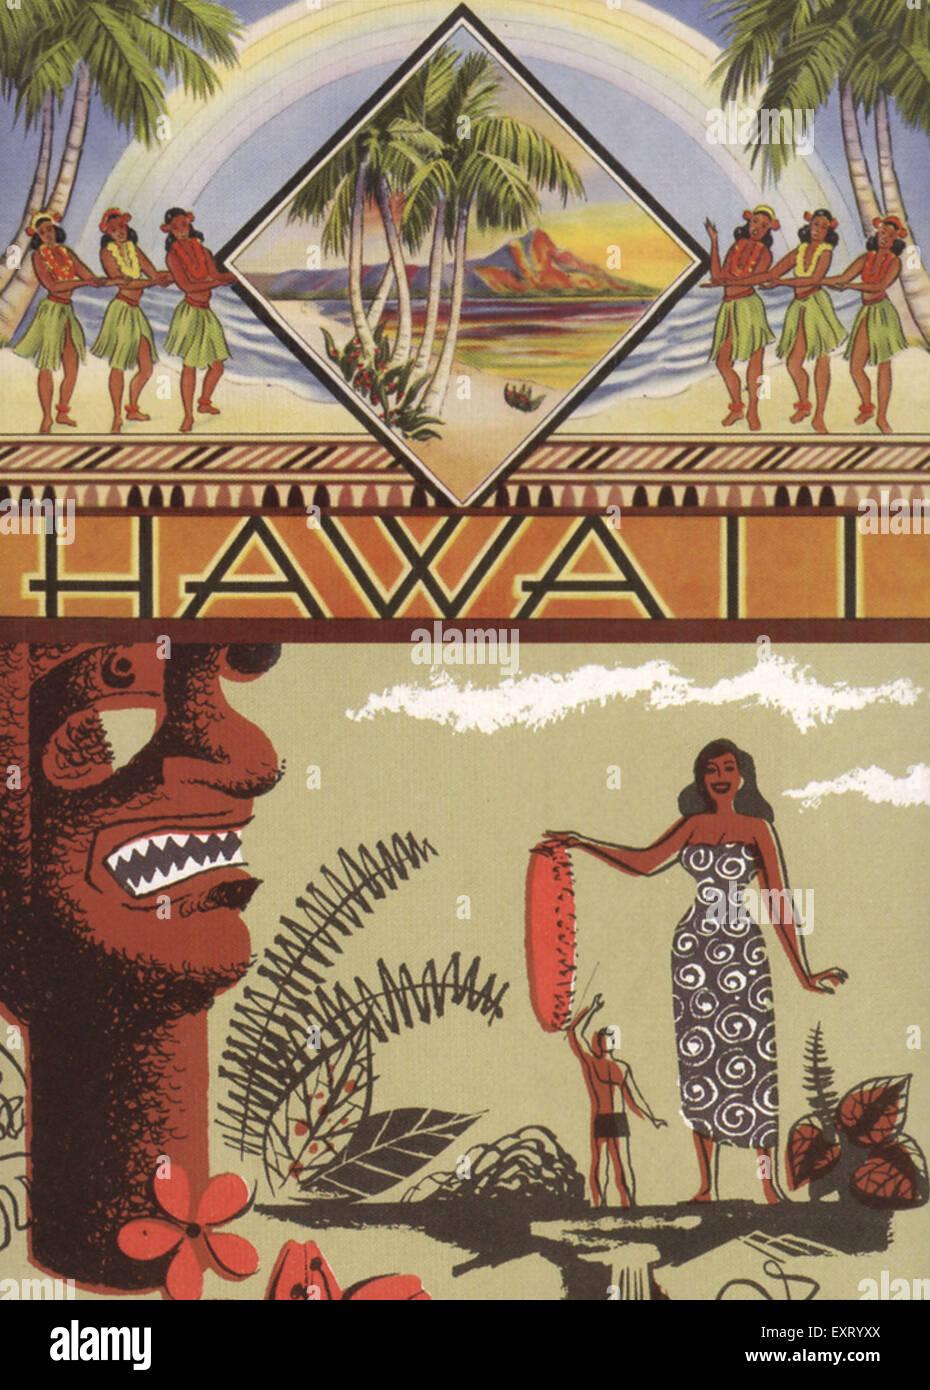 1930s USA Hawaii Postcard - Stock Image